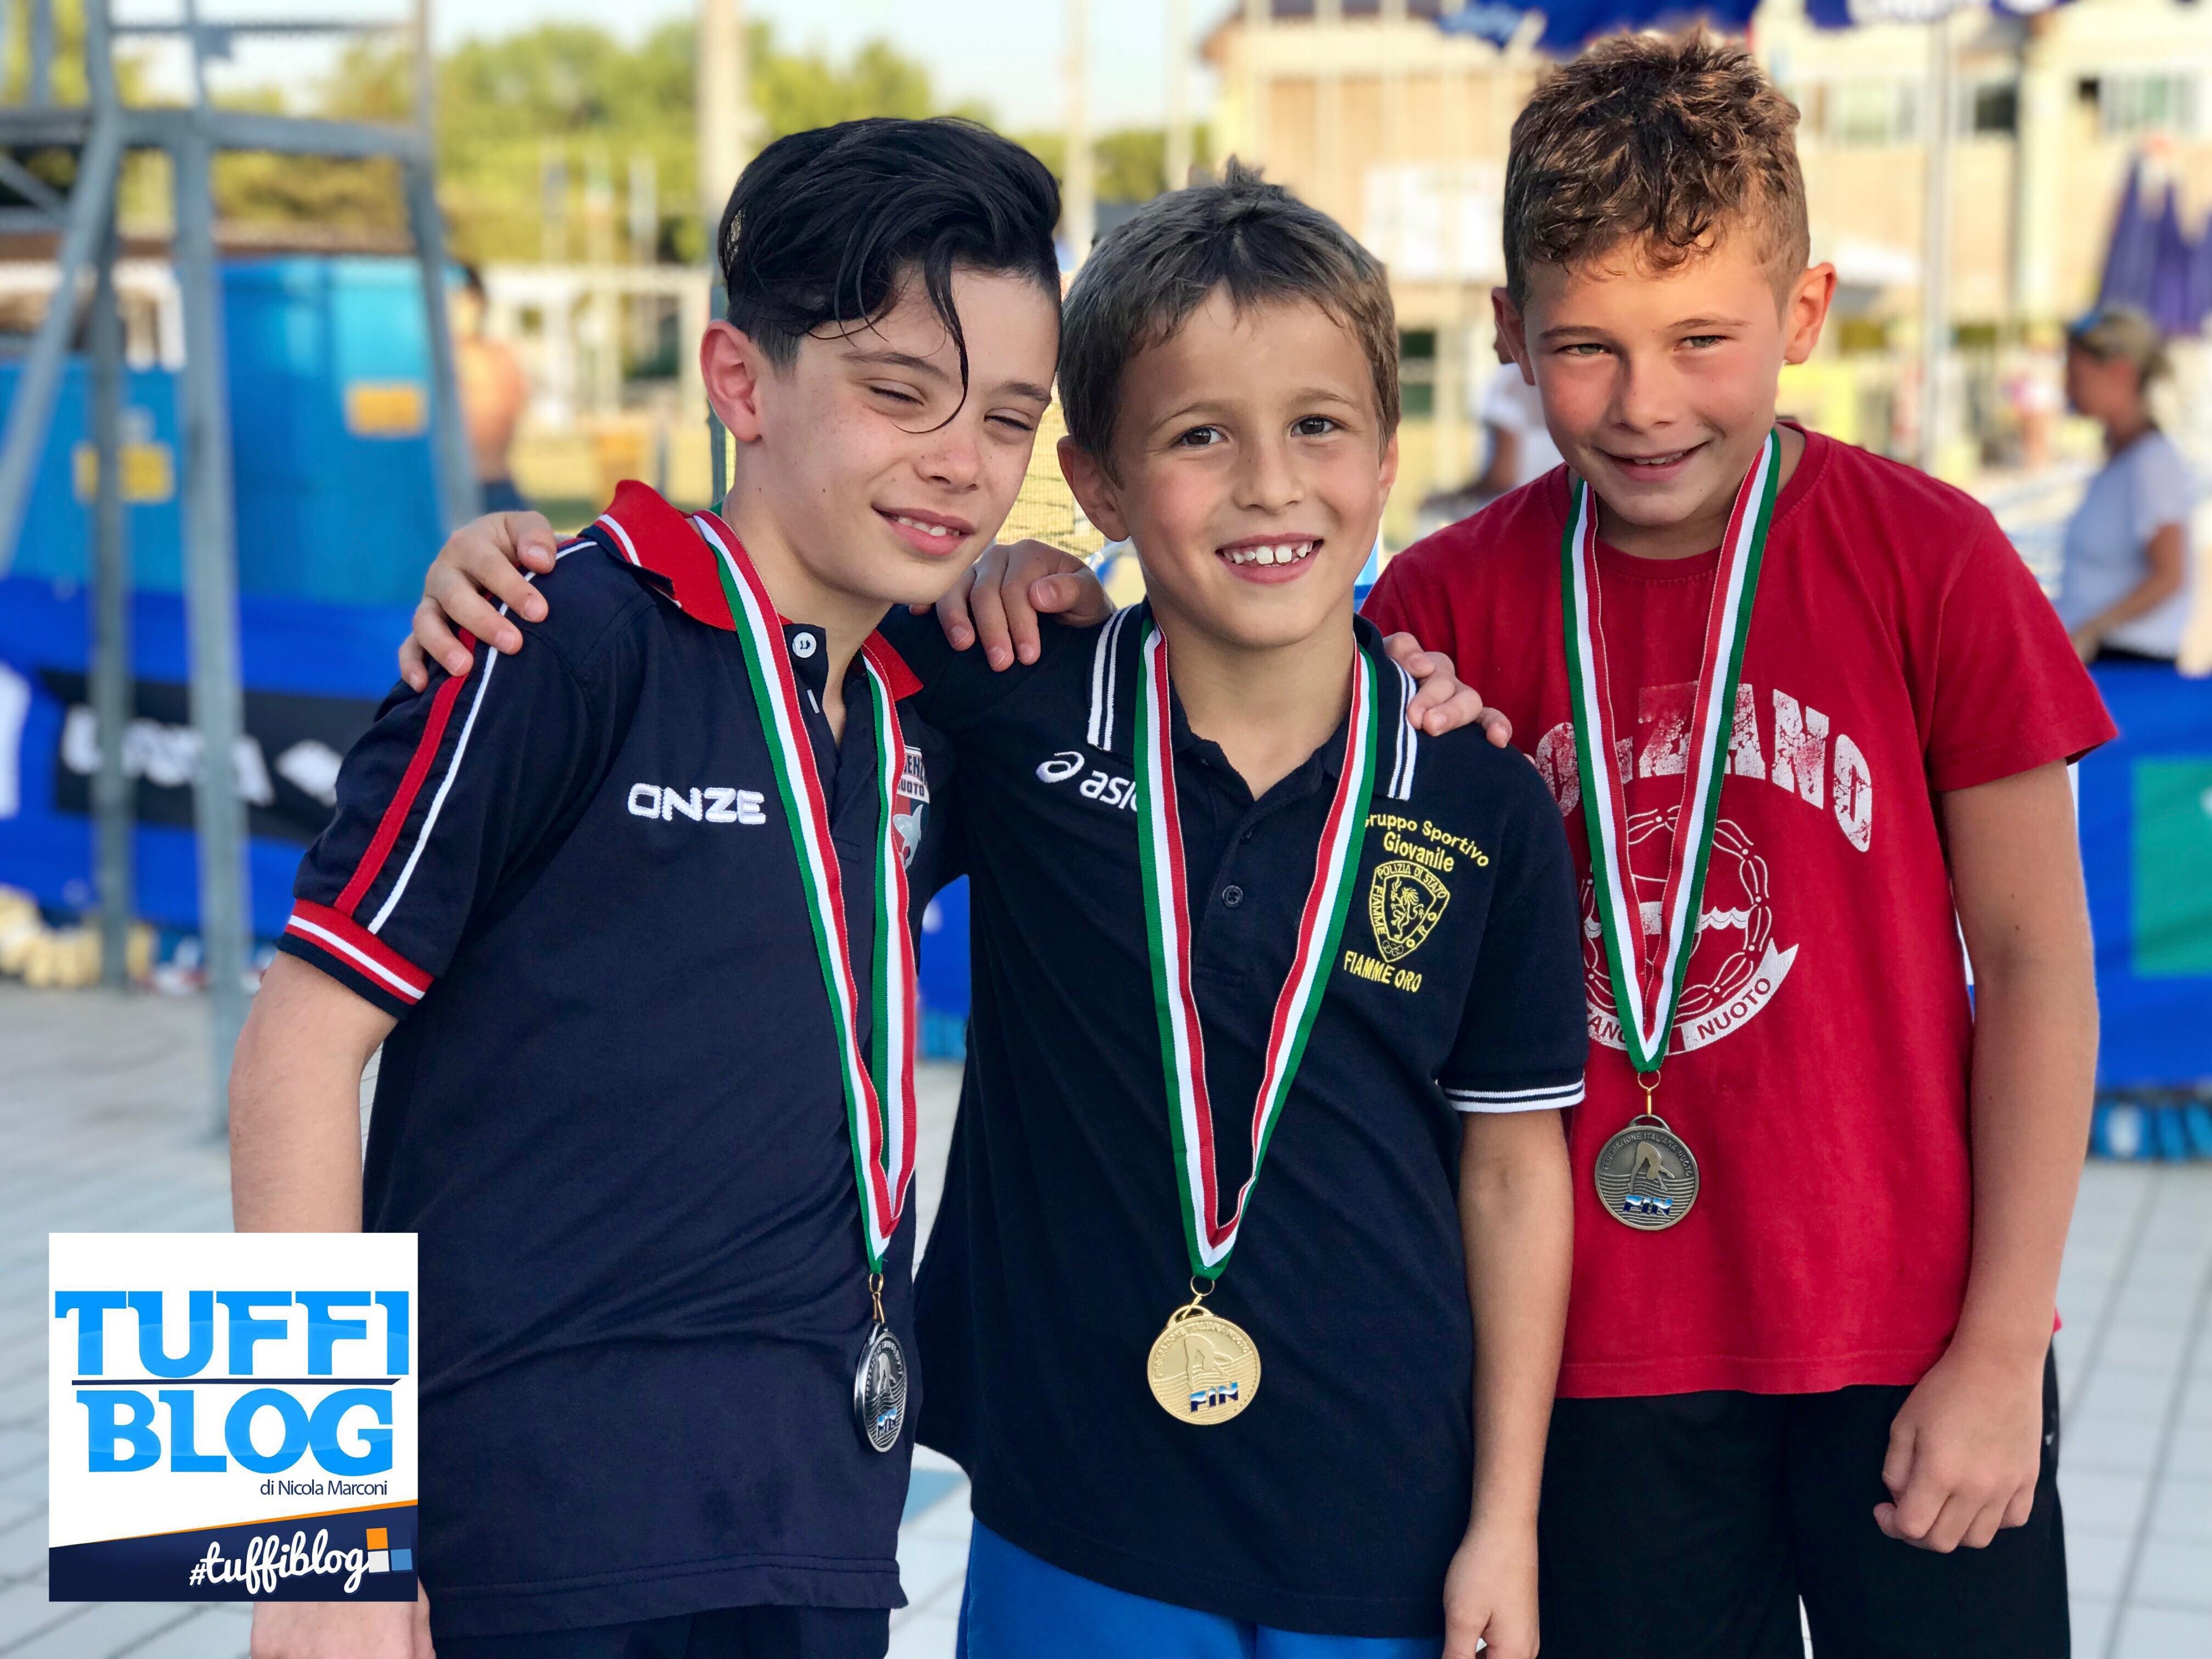 Finale Trofeo Giovanissimi: Riccione - i risultati della 1ª giornata.